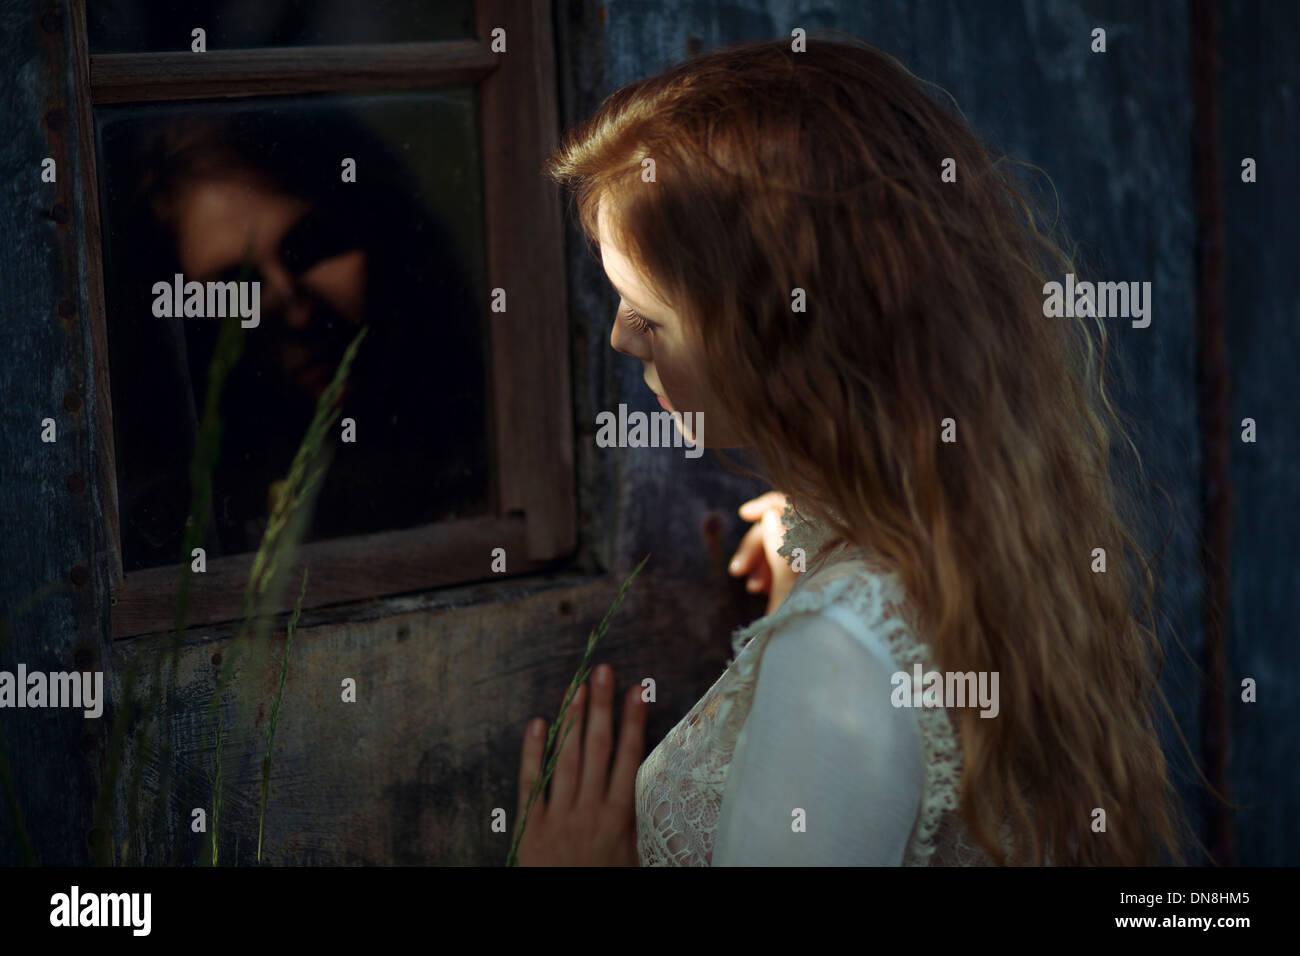 Junge Frau mit Spiegelbild im Fenster Stockbild